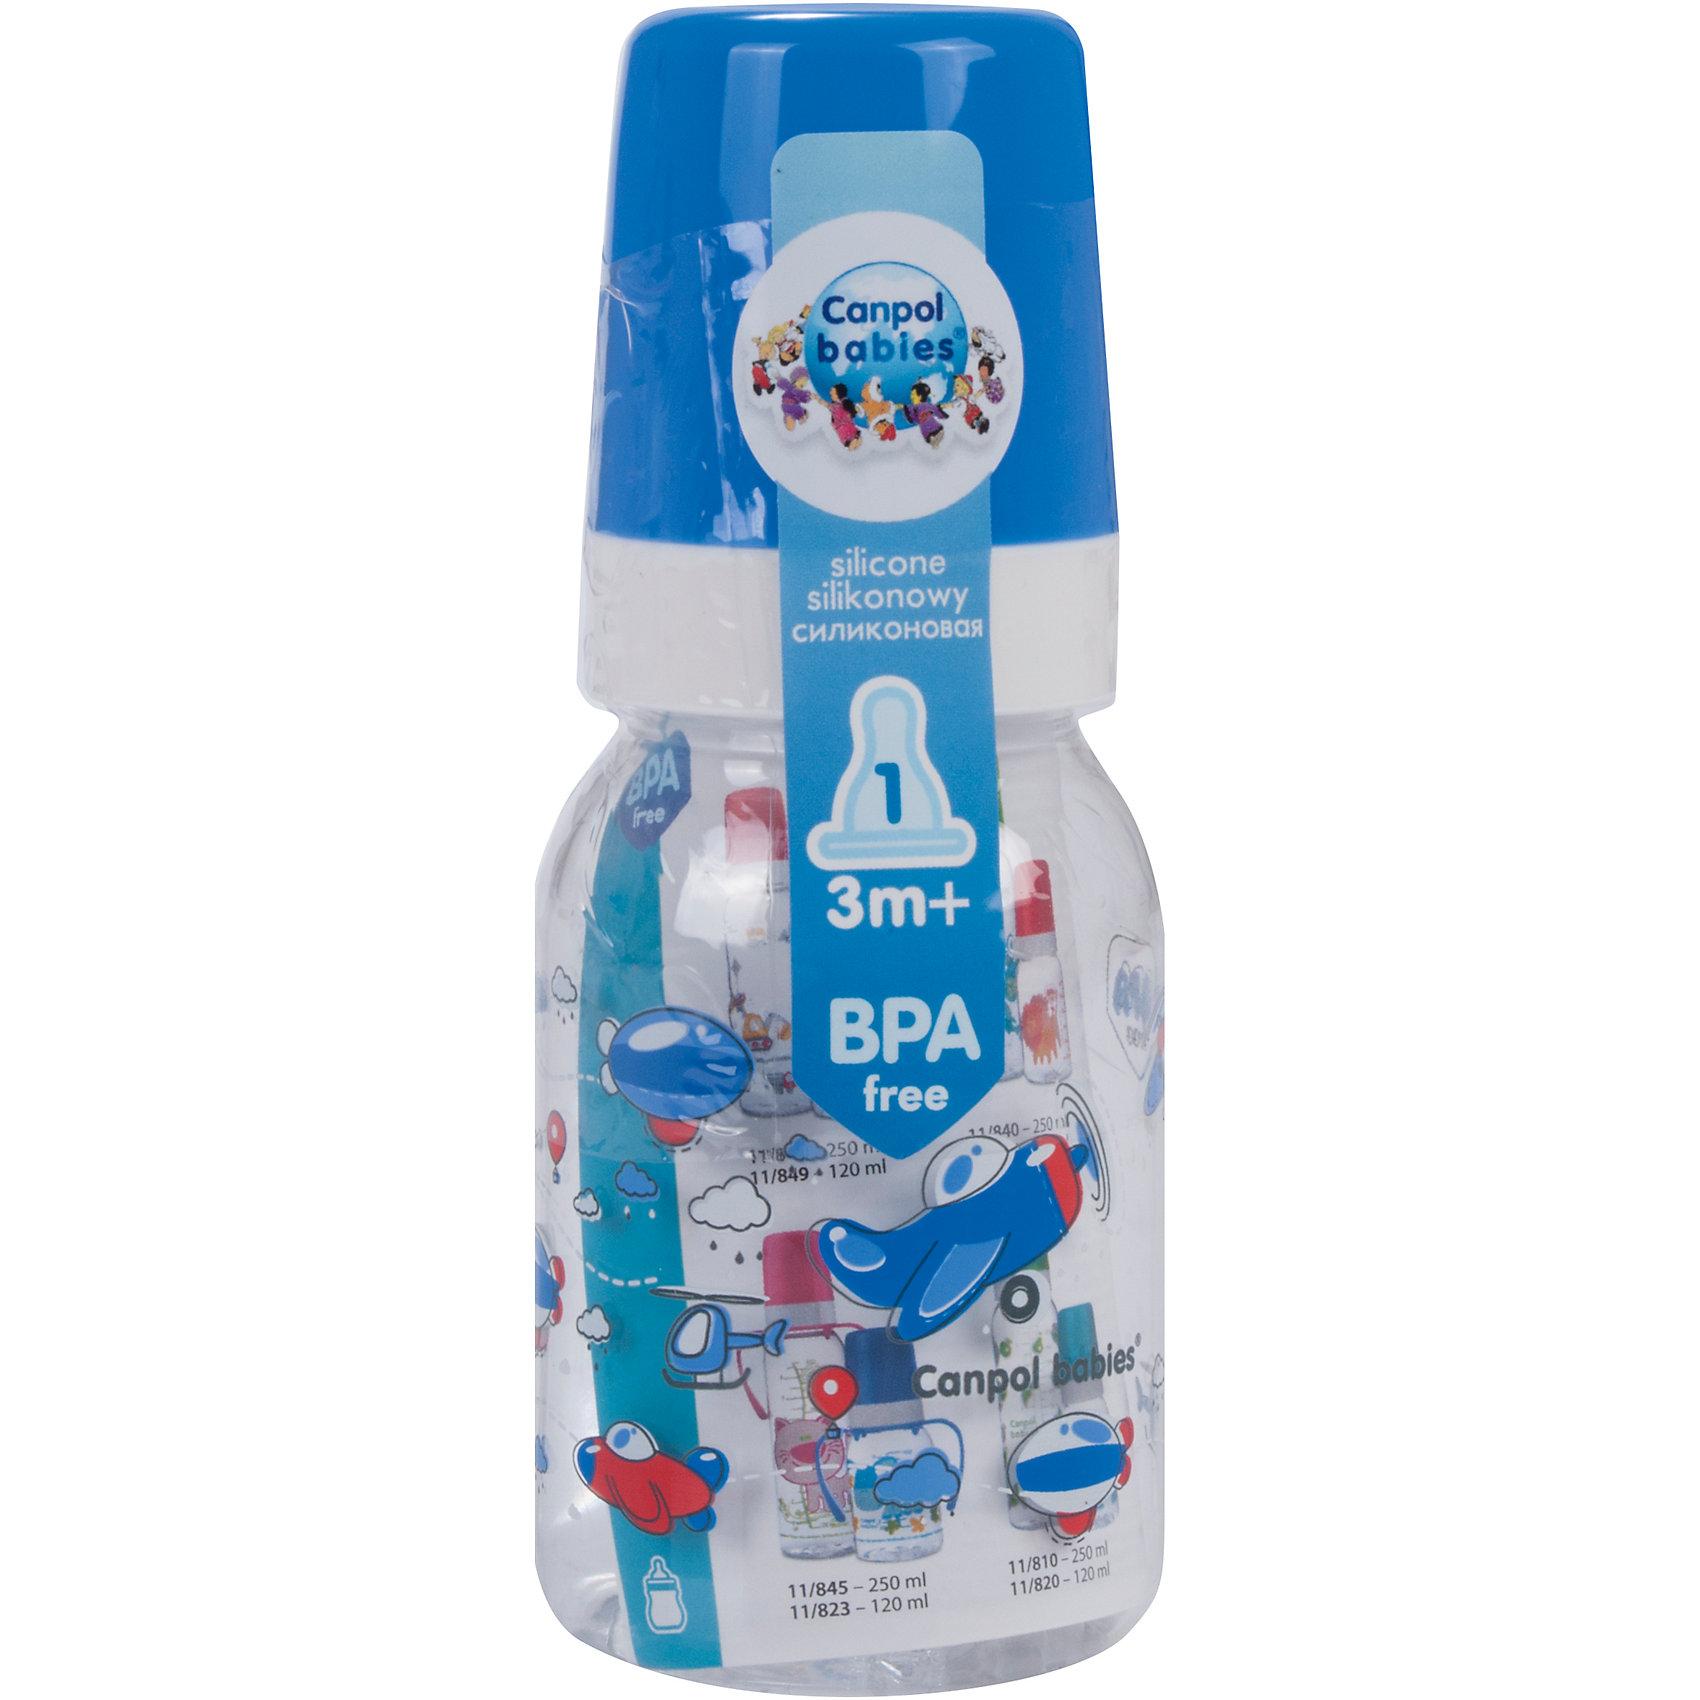 Canpol Babies Бутылочка тритановая (BPA 0%) с сил. соской, 120 мл. 3+ Machines, Canpol Babies, синий canpol babies бутылочка тритановая 120 мл 3 canpol babies бирюзовый